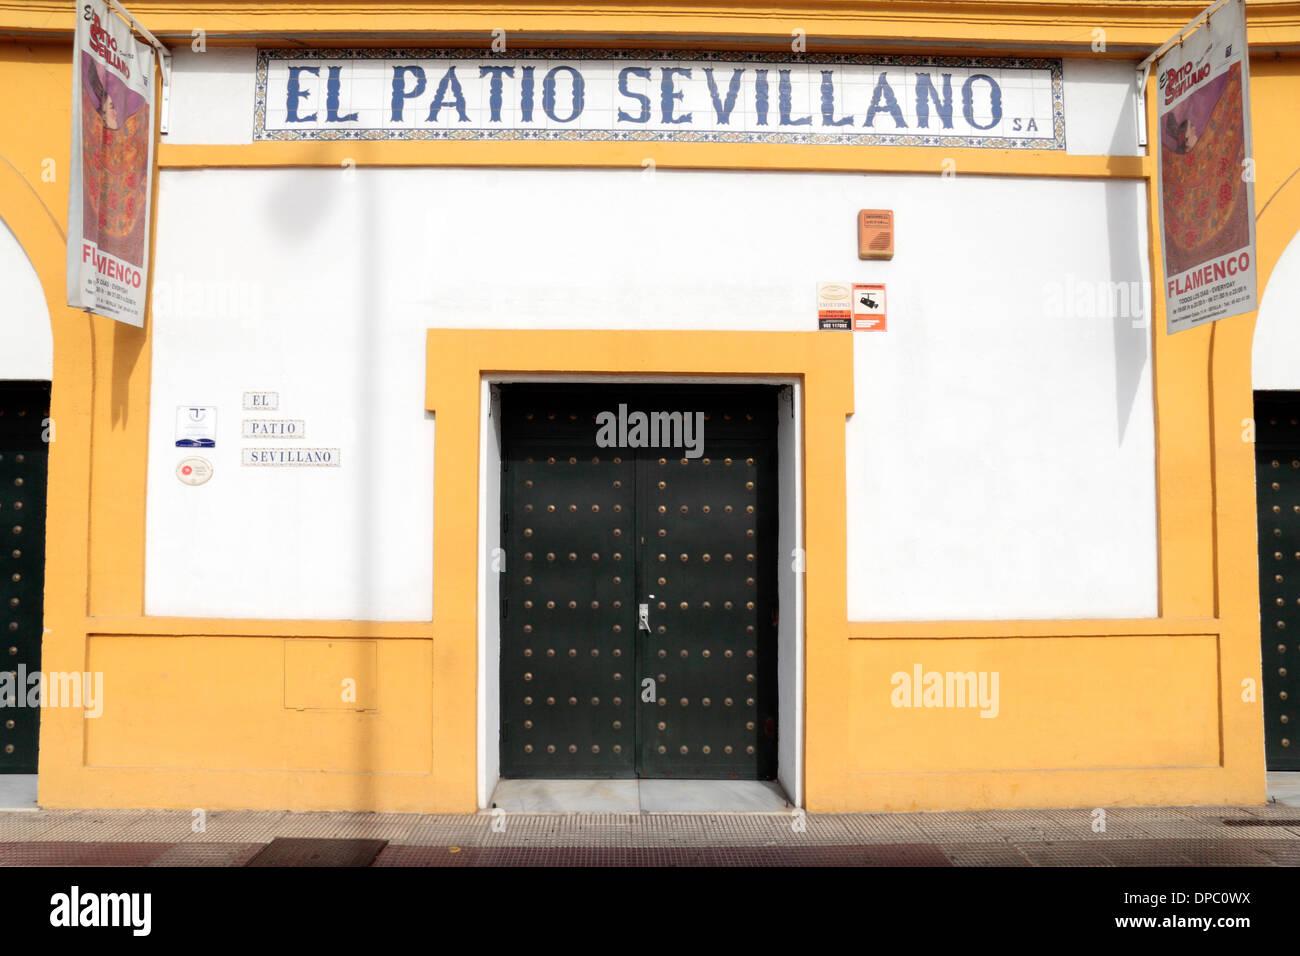 El Patio Sevillano Stock Photos El Patio Sevillano Stock Images